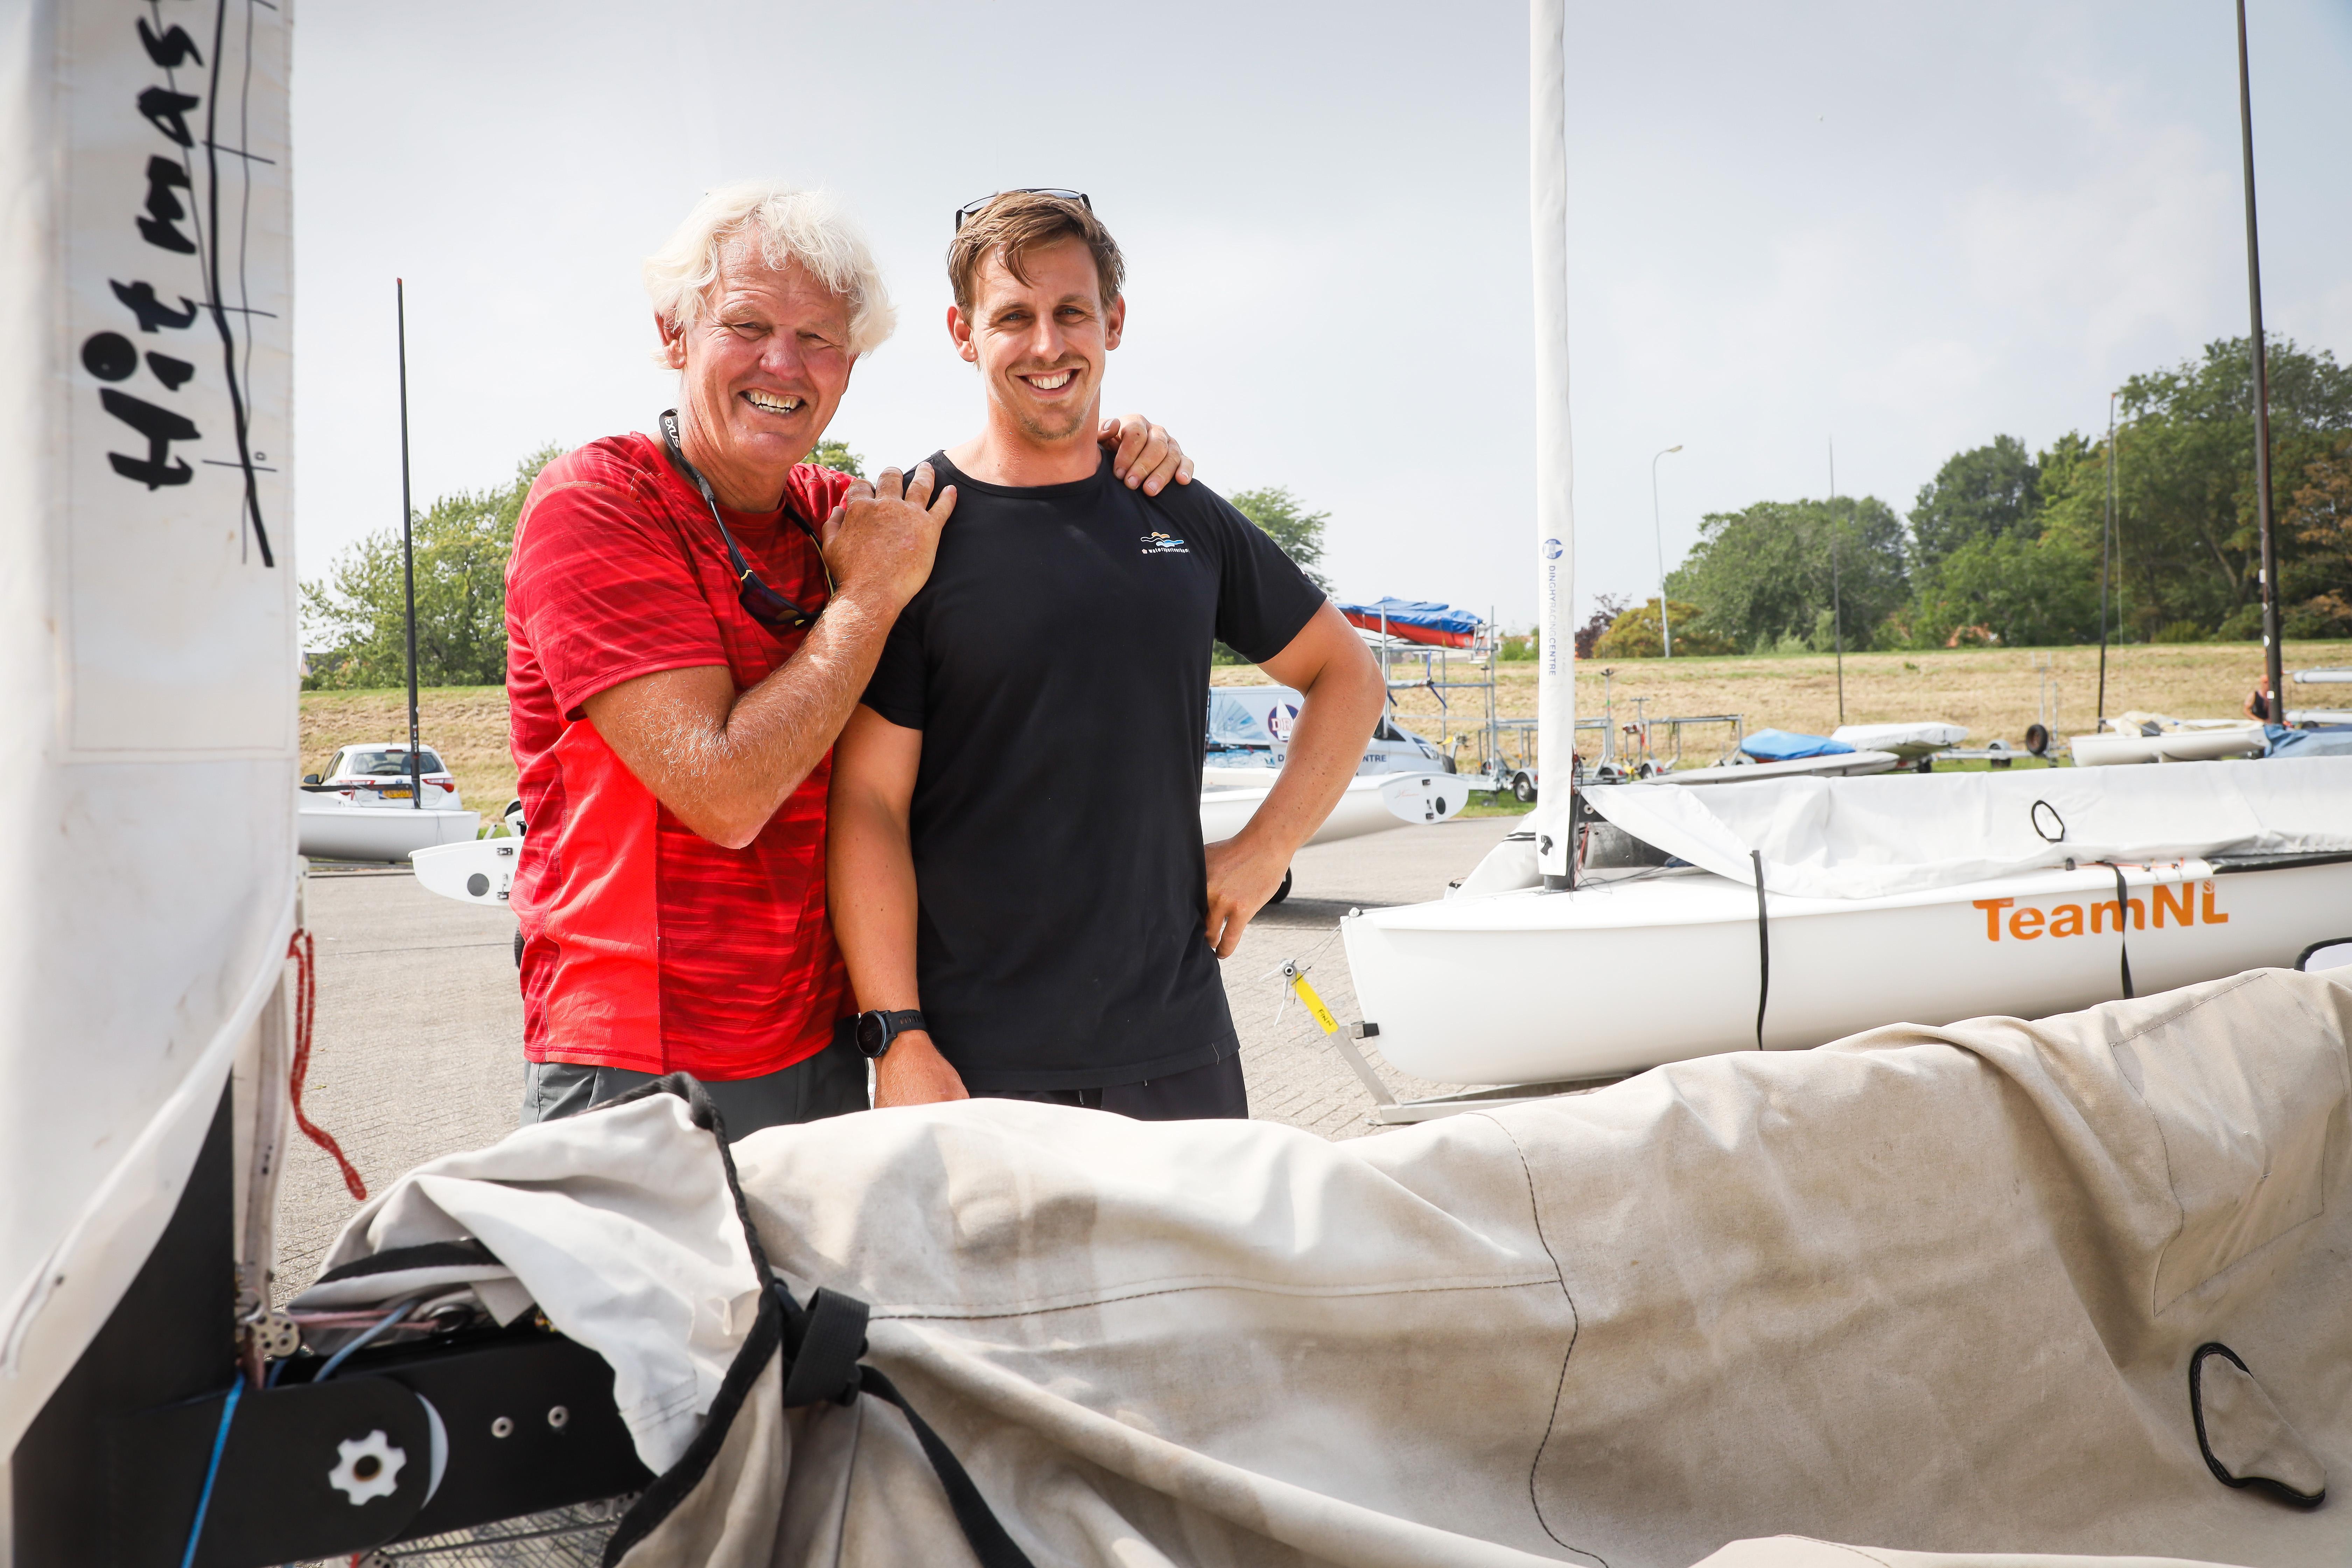 Geen Tokio maar een potje zeilen op het IJsselmeer tegen 'die ouwe' voor Nicholas Heiner: 'Het zou mooi zijn als ze ooit tegen Roy gaan zeggen: 'Hé, jij bent toch de vader ván ...?'